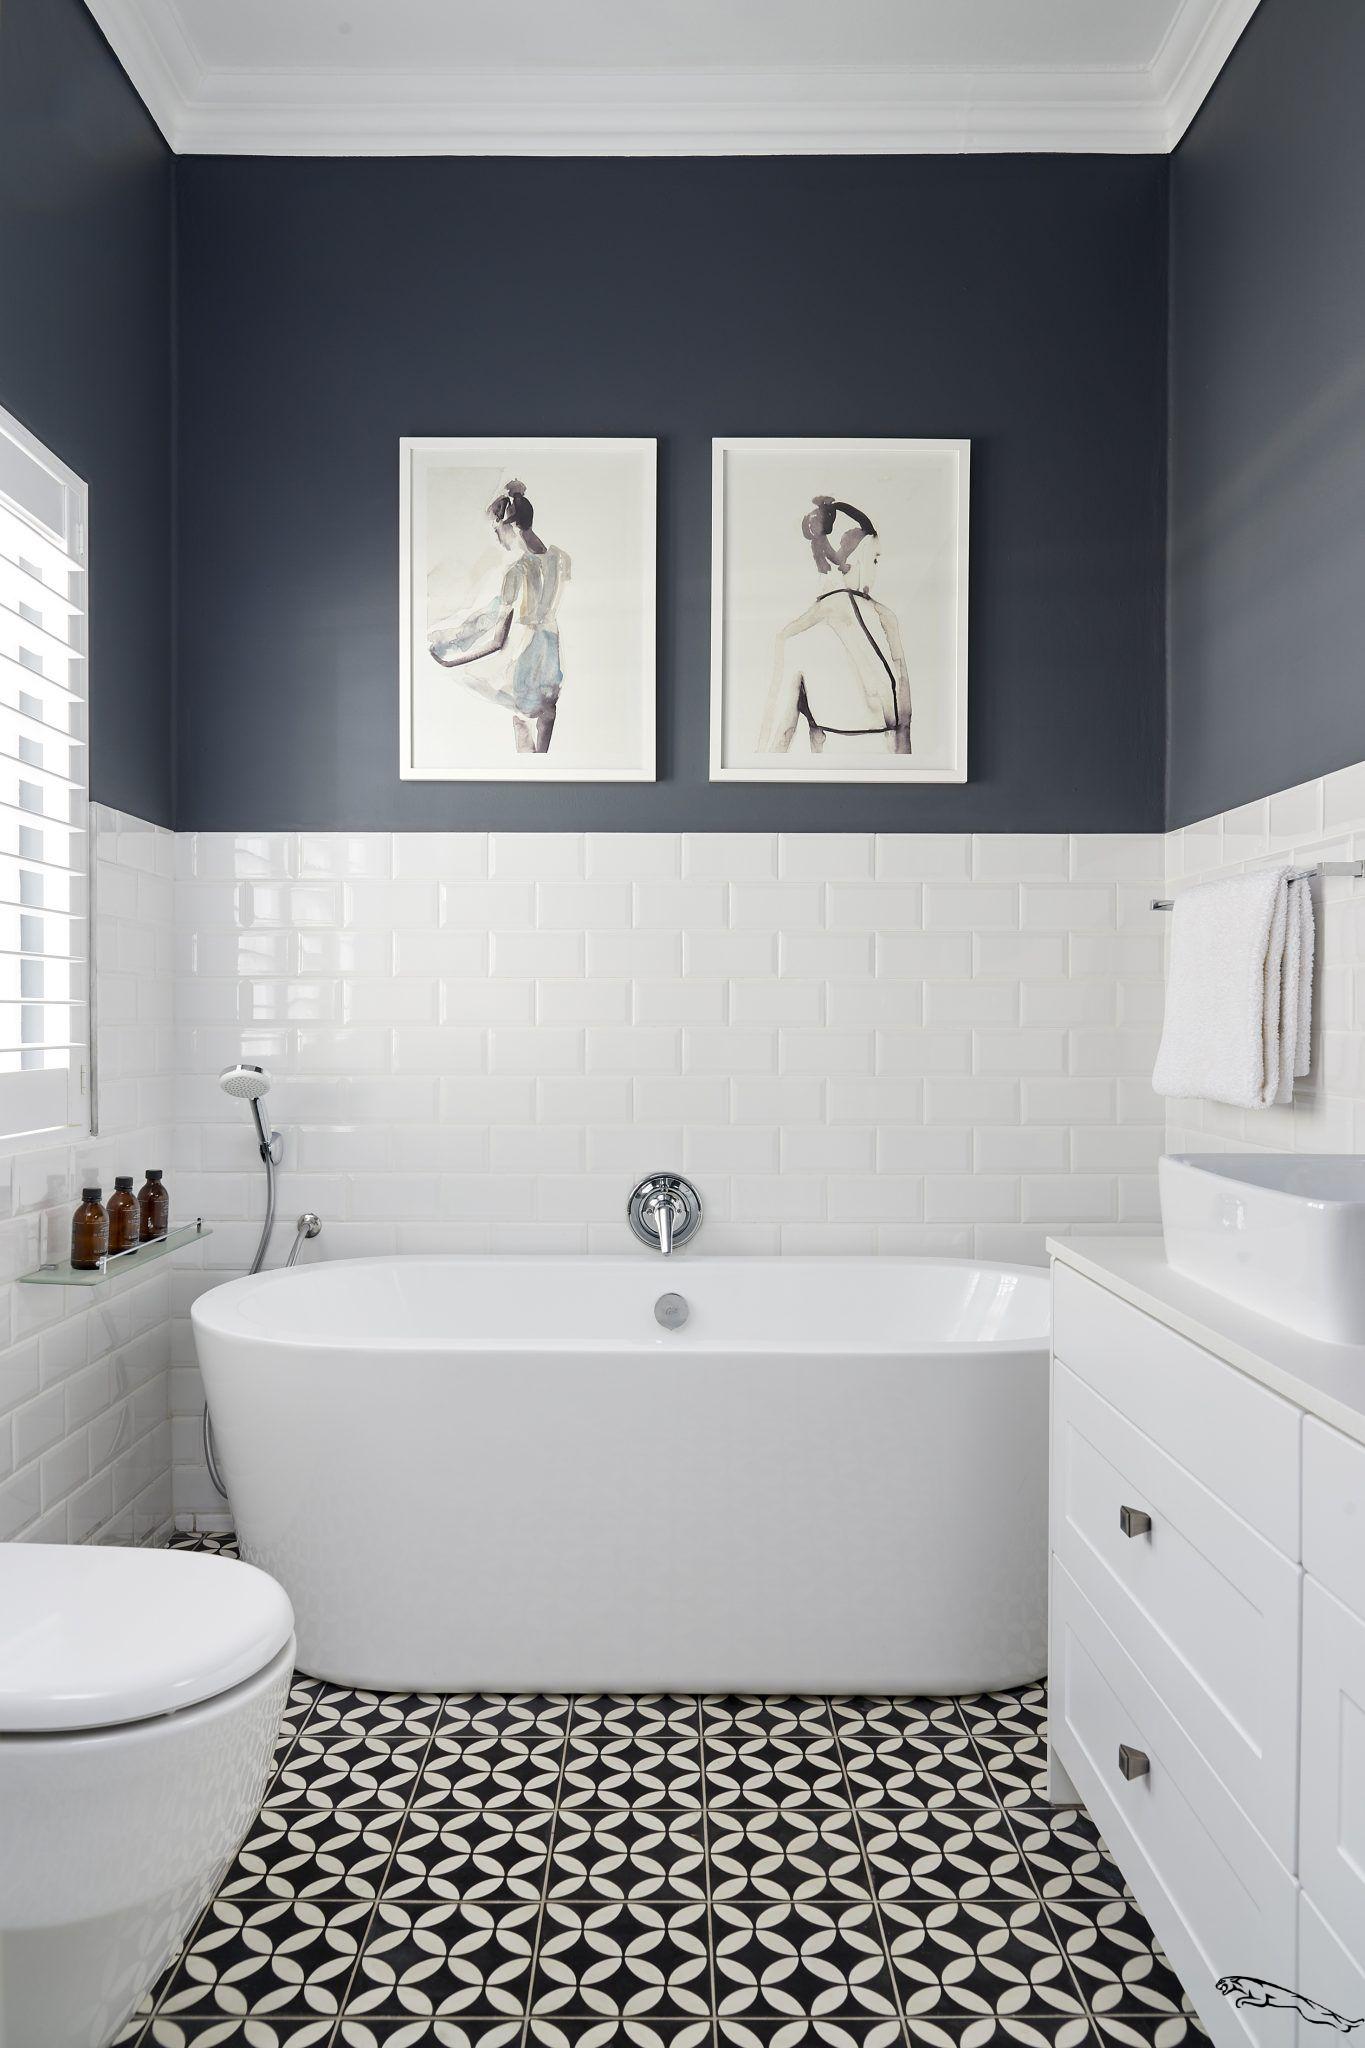 Carrelage 15 Modeles Pour Une Salle De Bains Moderne S Il Y A Bien Une Piece Ou Le Carrelage Est Maitre In 2020 Tile Bathroom White Bathroom Tiles White Bathroom